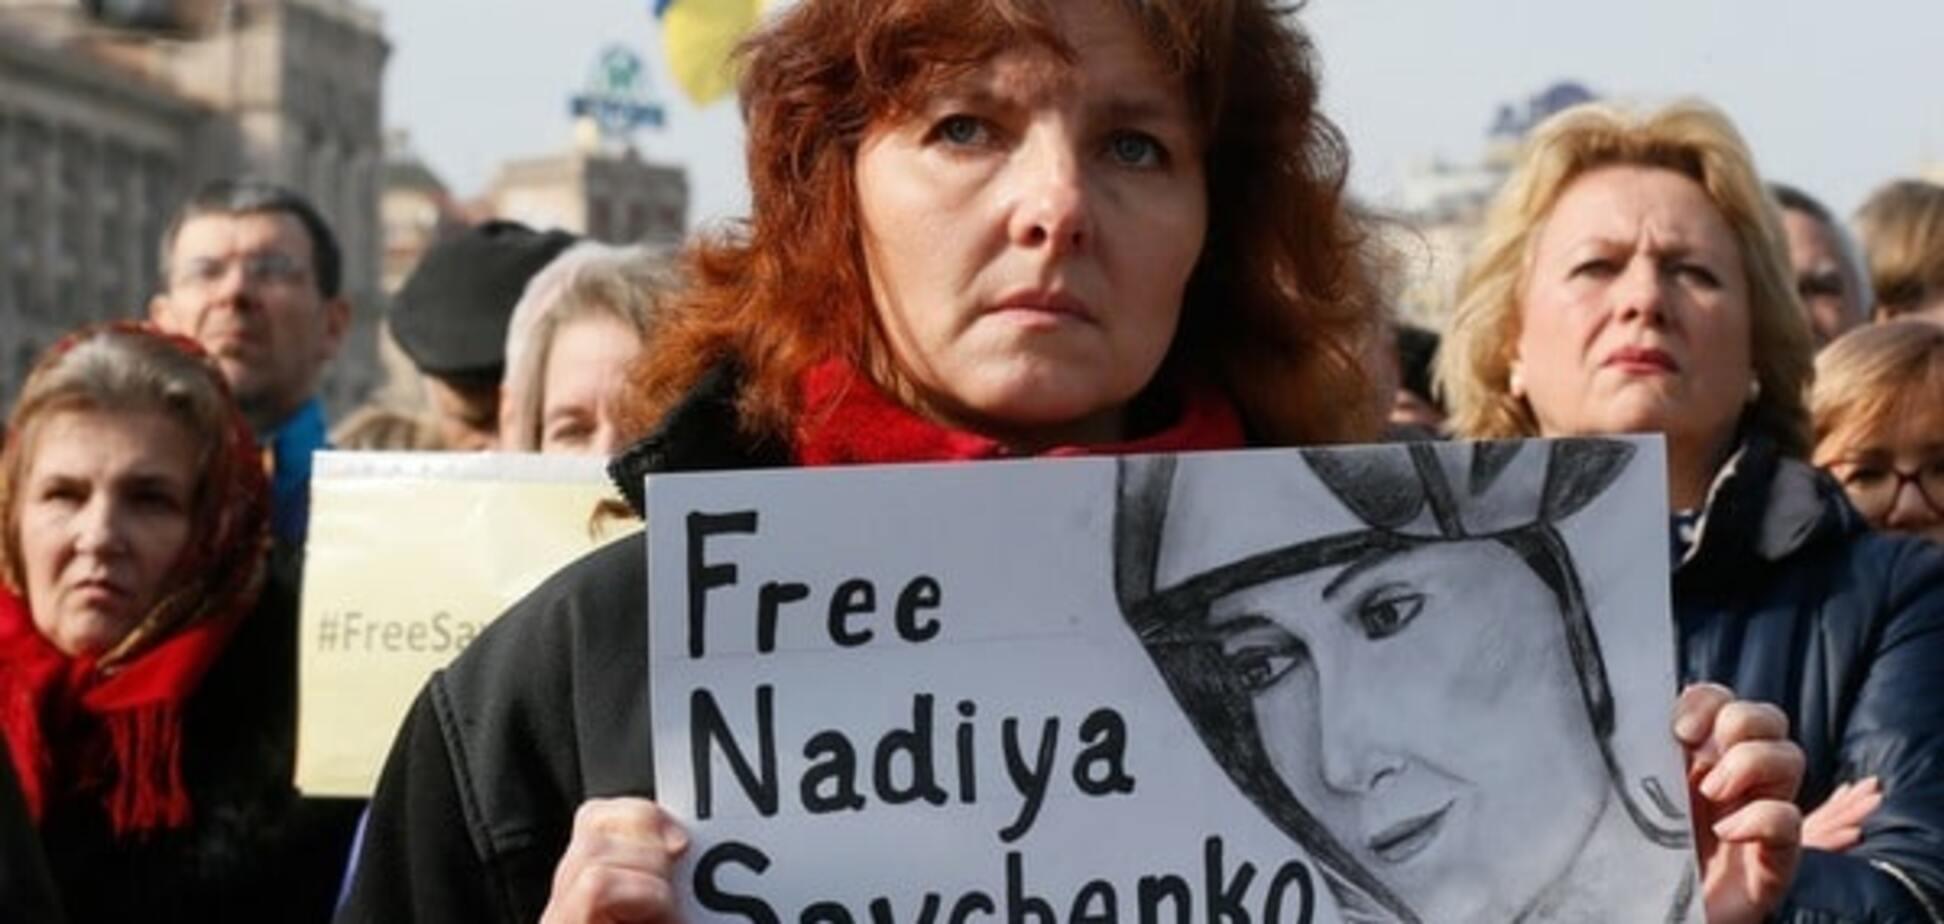 Ганебний гудок: правозахисник пояснив, як діяти для звільнення Савченко